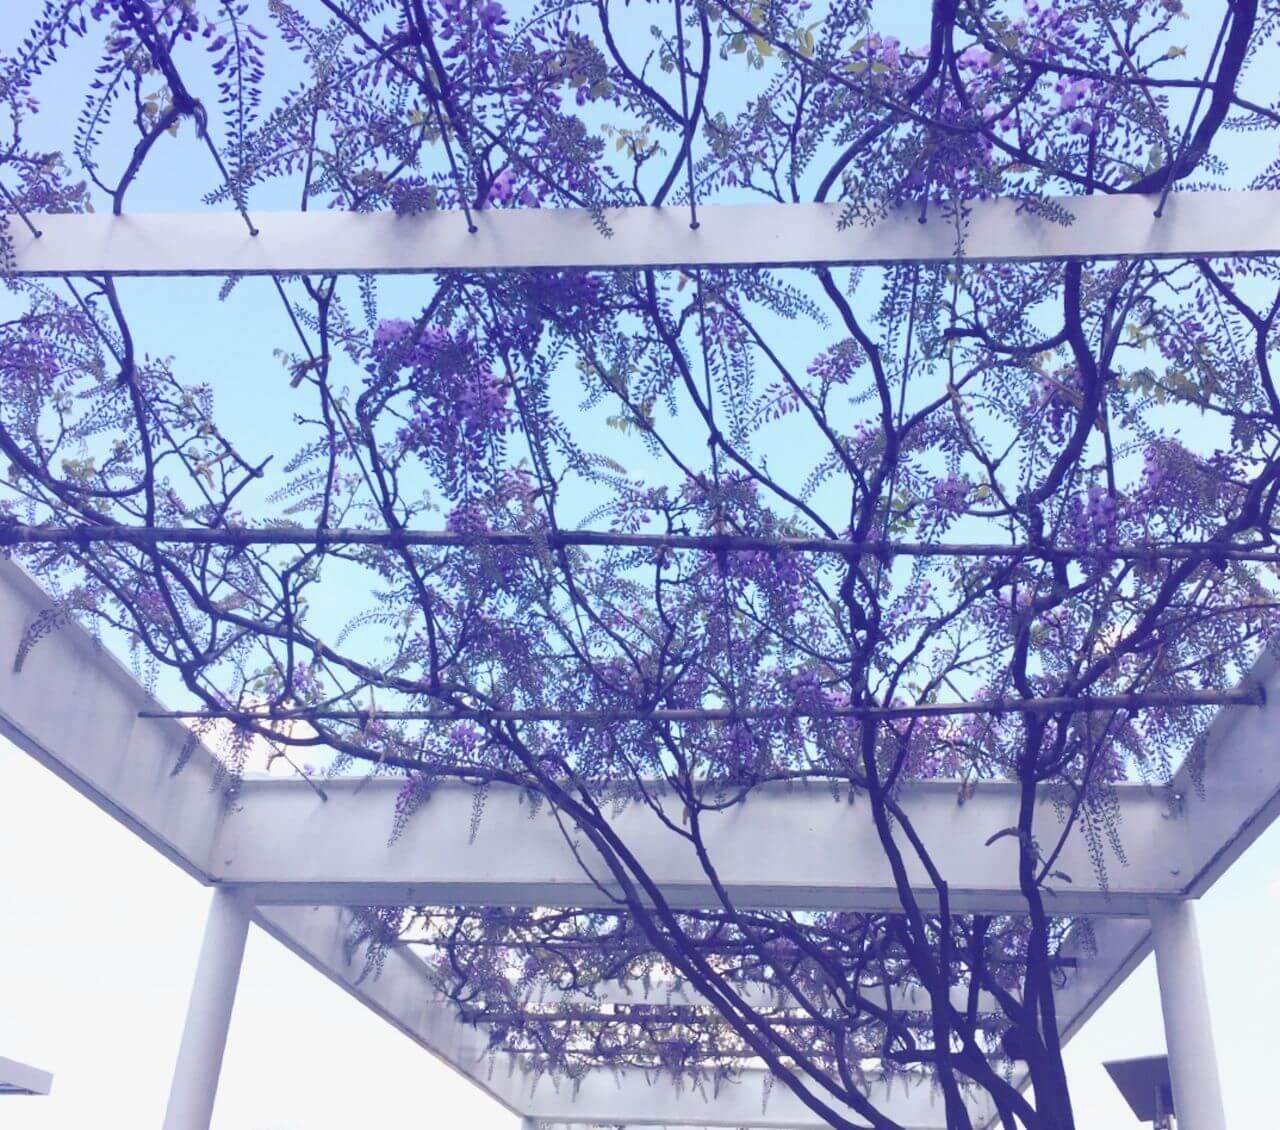 藤棚に花のブログ画像